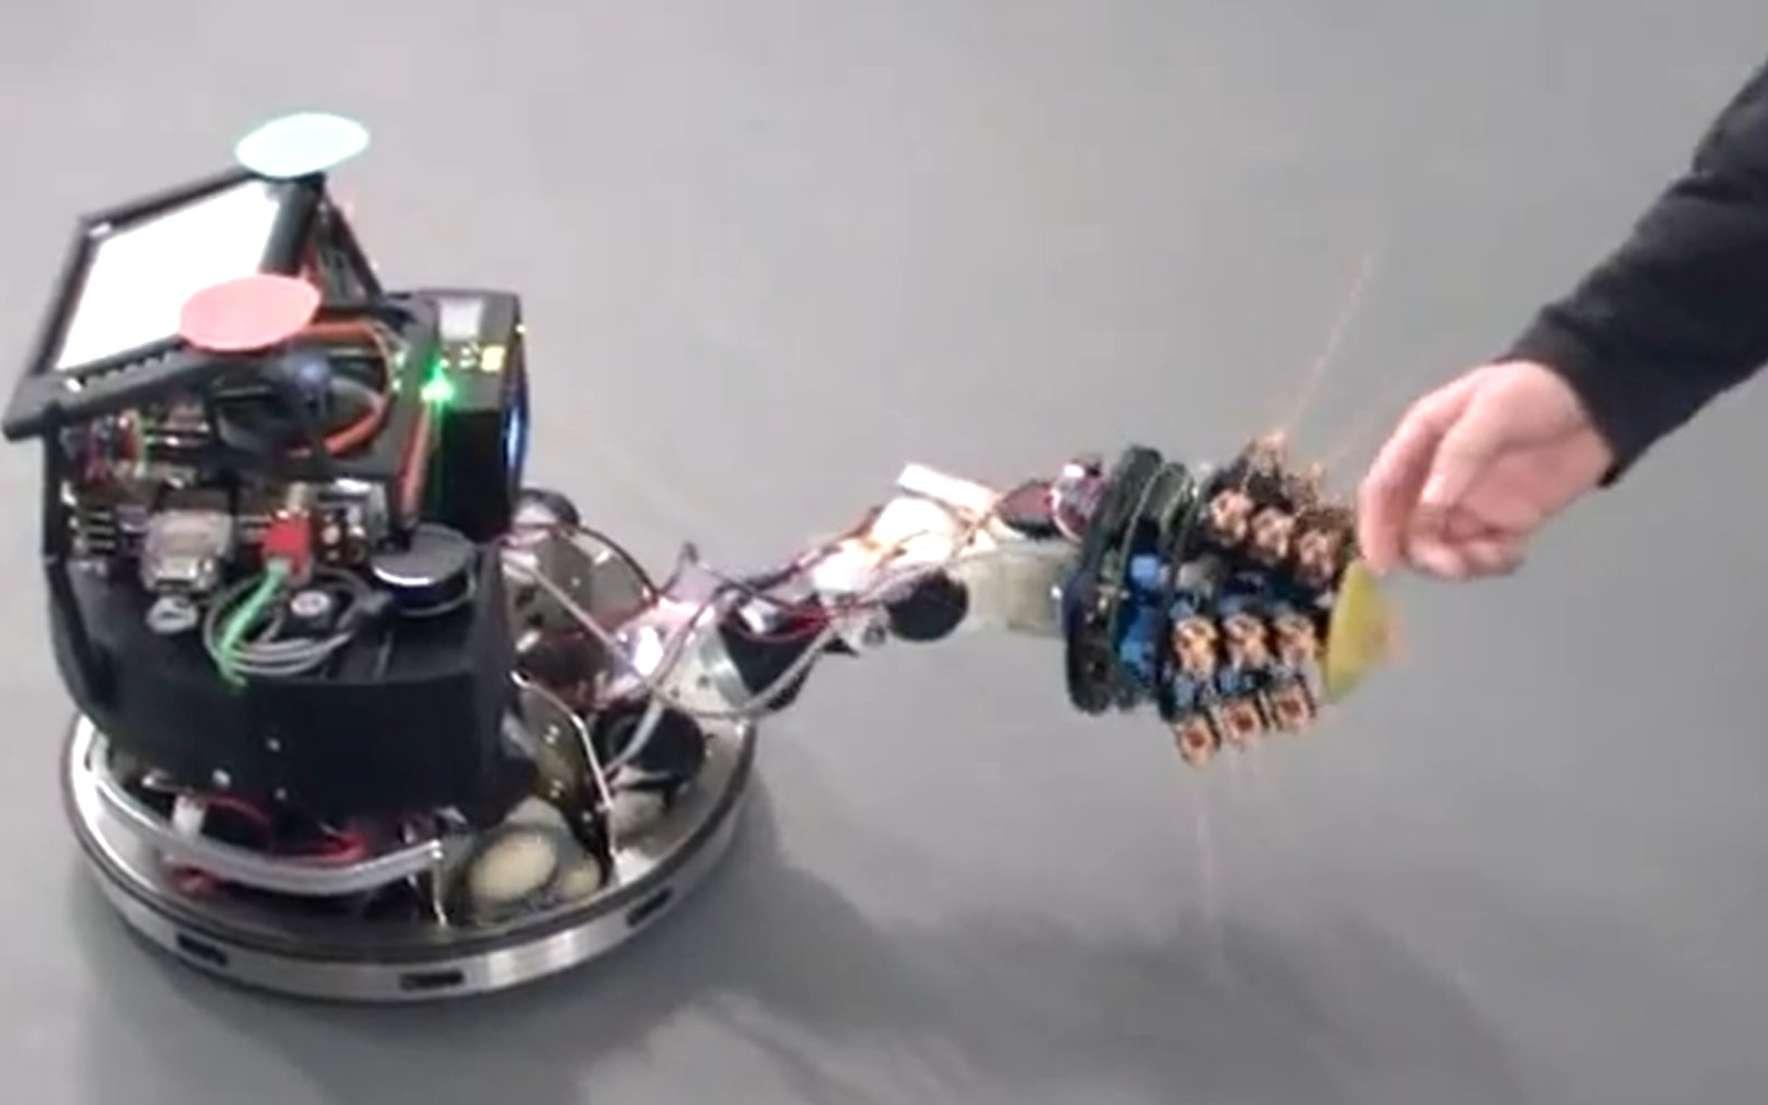 Le MechaLobster n'a qu'un seul vibrisse, qu'il darde vers l'avant, et progresse grâce à quatre pattes. Il est capable de réaliser une cartographie du lieu qu'il explore. © Martin Pearson, Bristol Robotics Lab